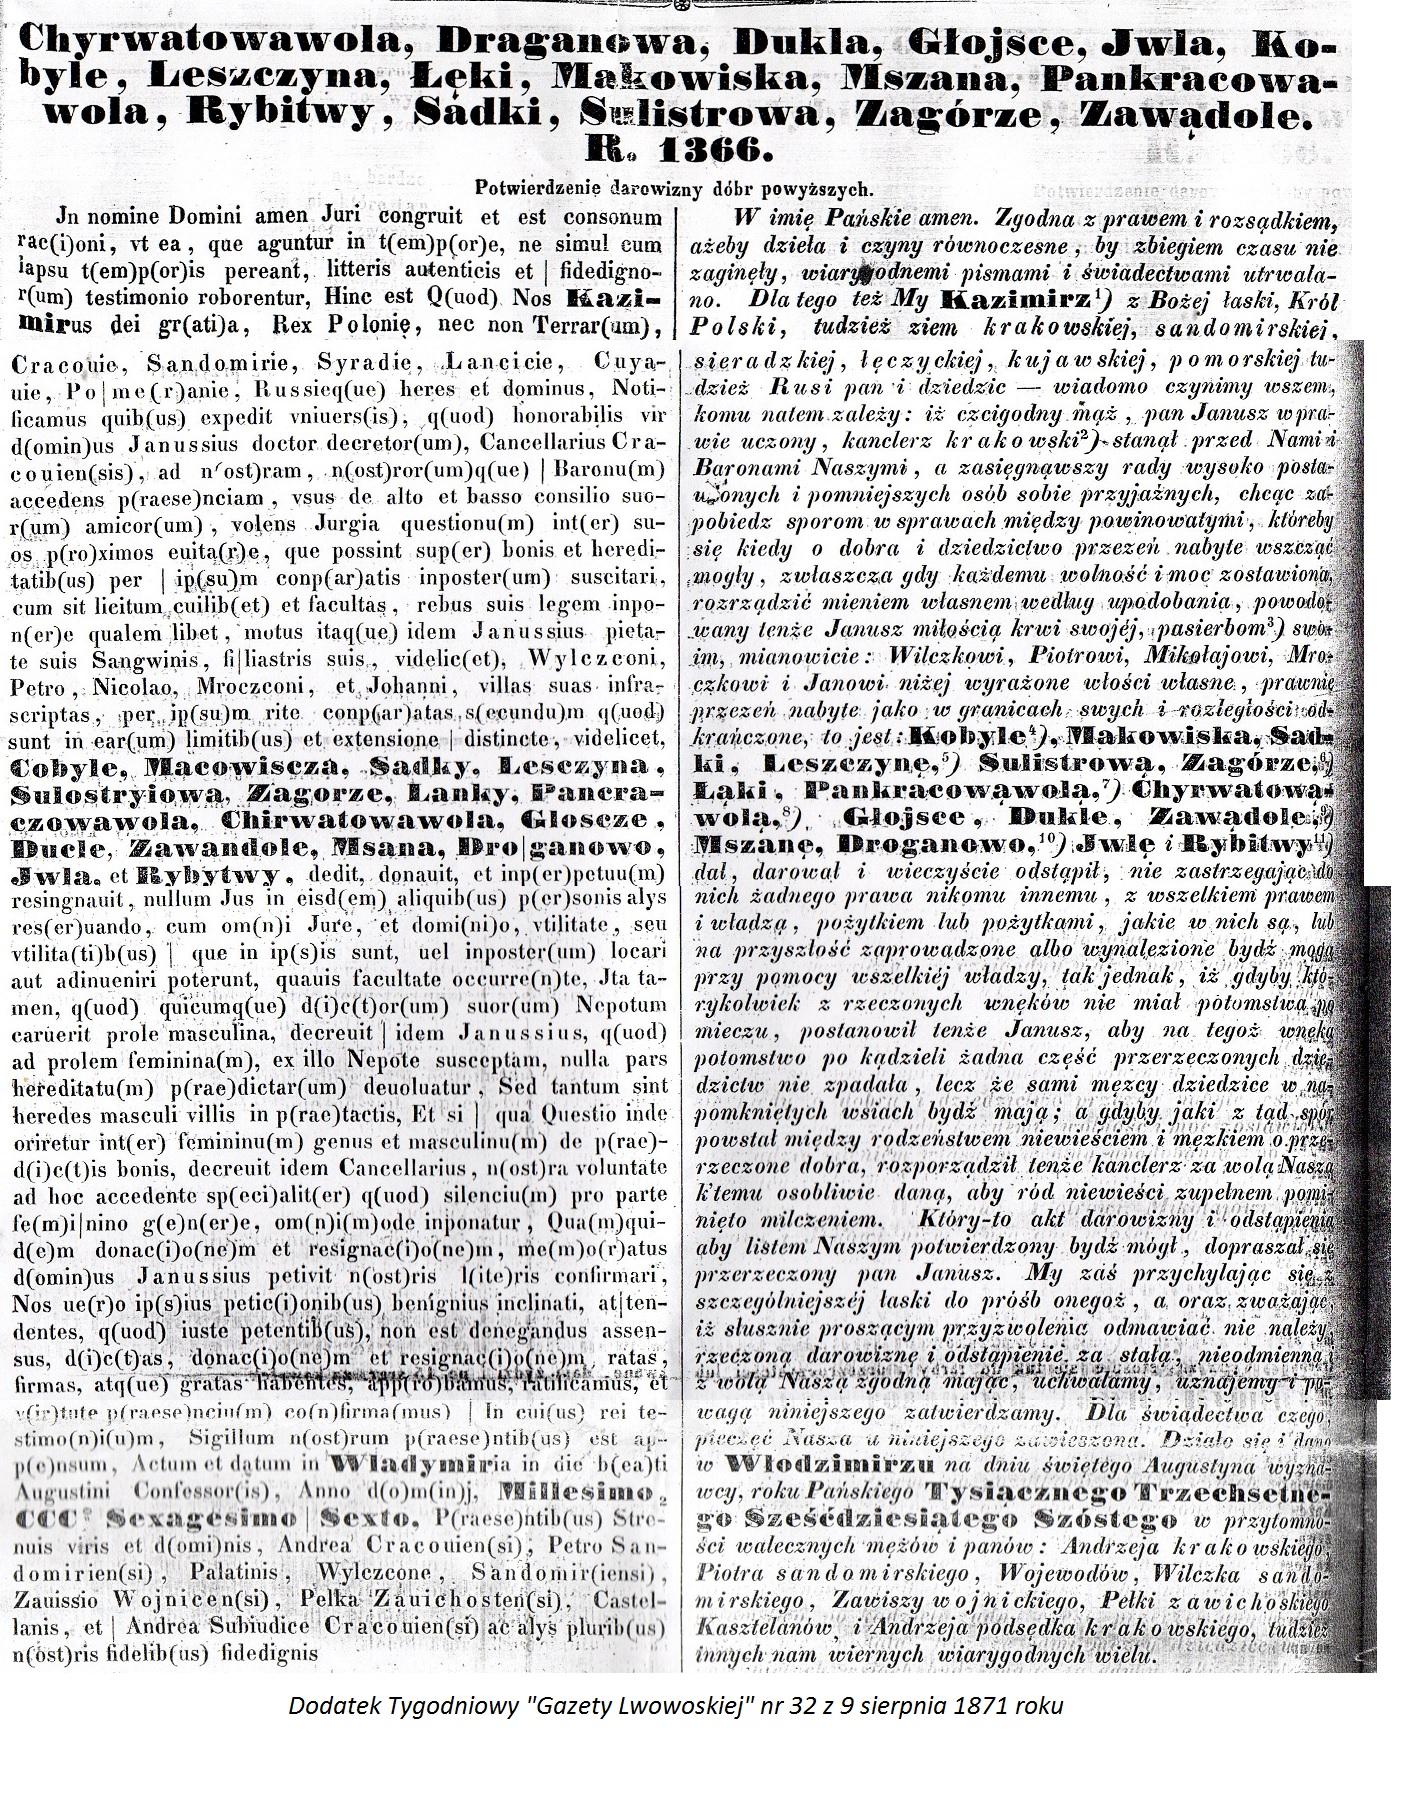 gazeta-lwowska-dodatek-tygodniowy-nr-32-z-9-sierpnia-1871